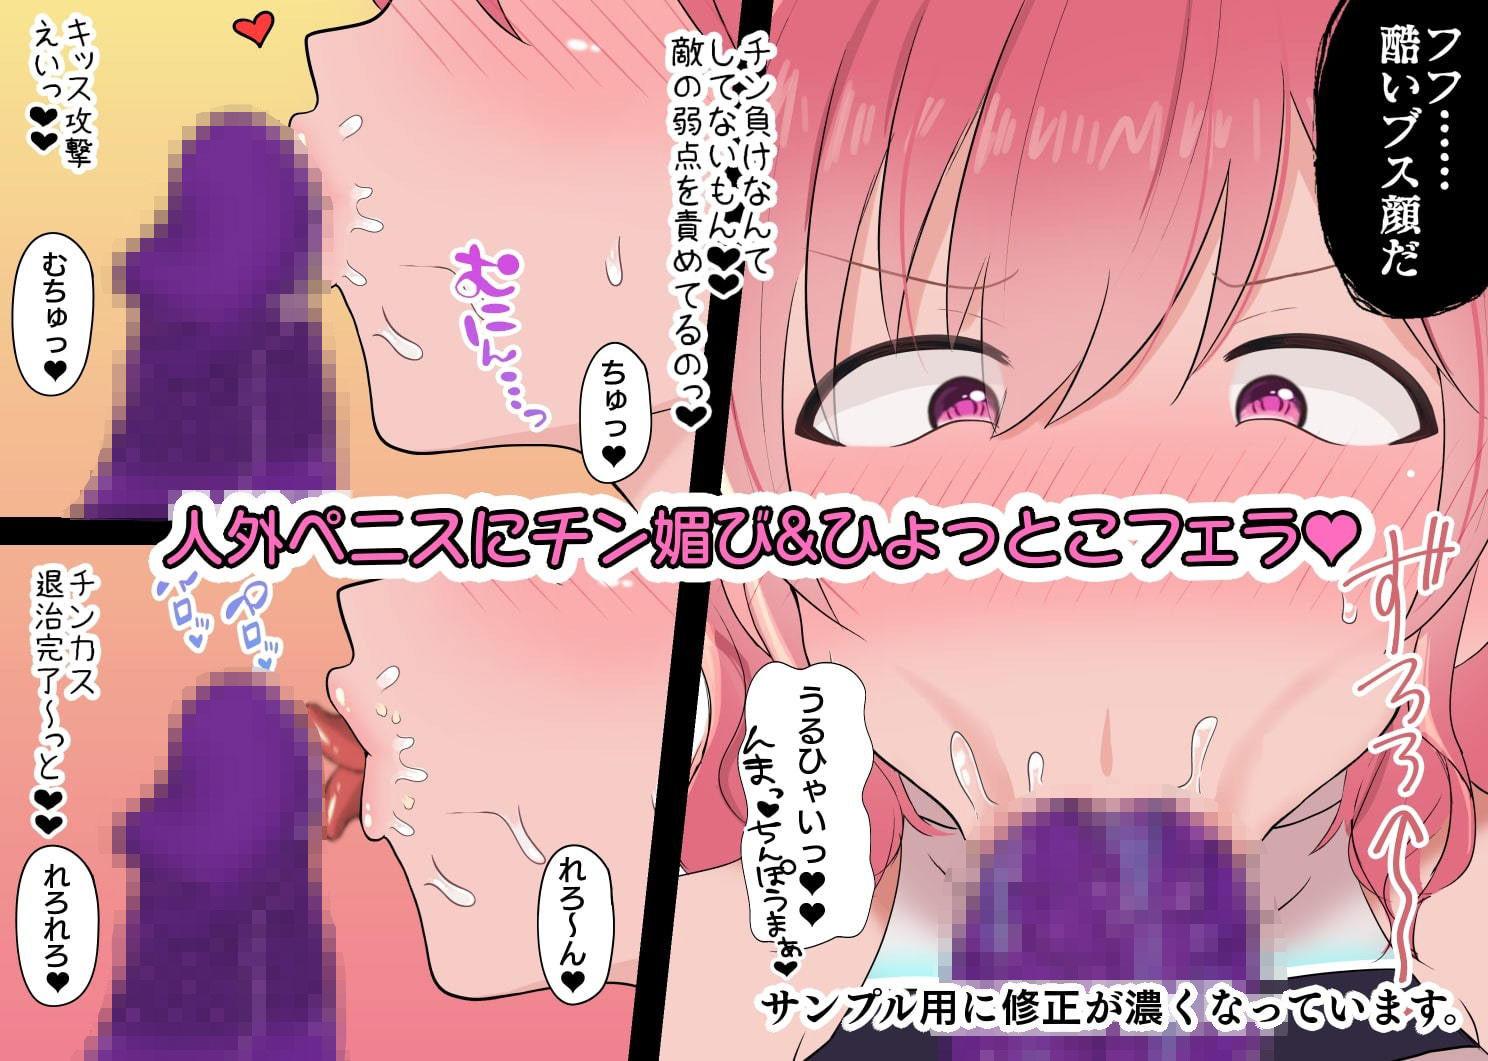 コンバットエンジェル〜ハイレグヒロインが悪魔にブザマ敗北しちゃうお話〜